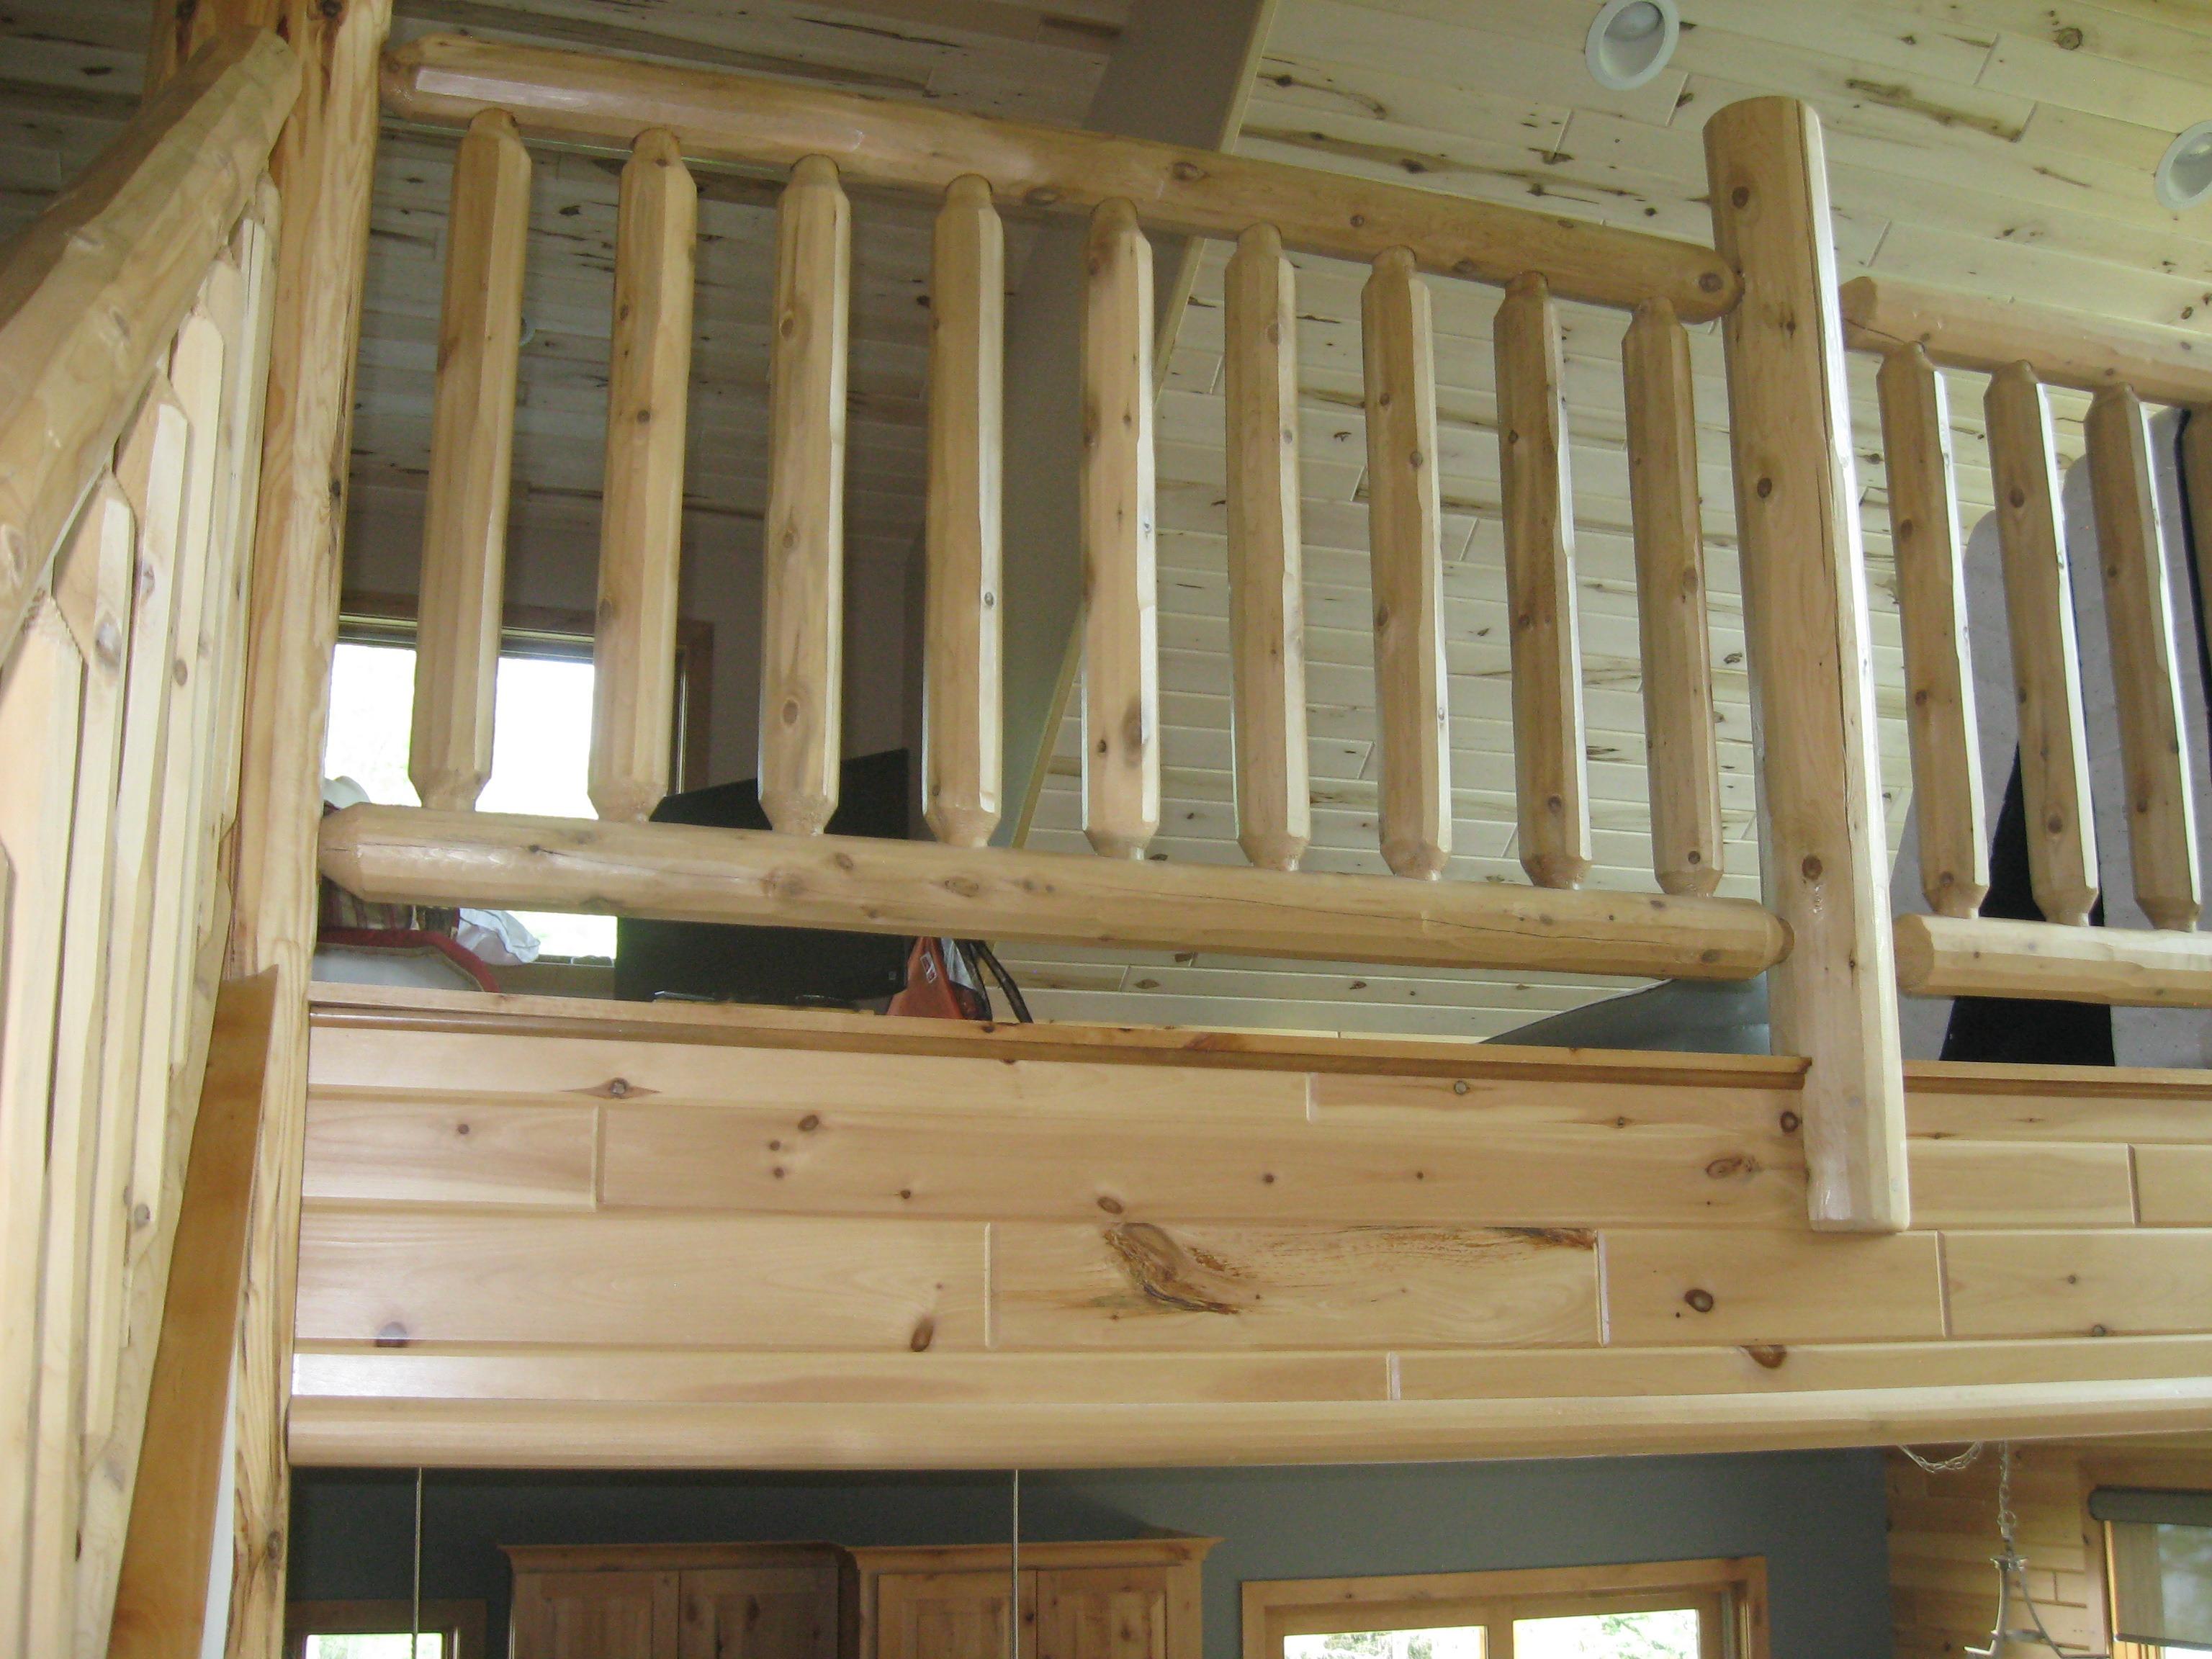 Natural Wooden Railings - Ryan's Rustic Railings